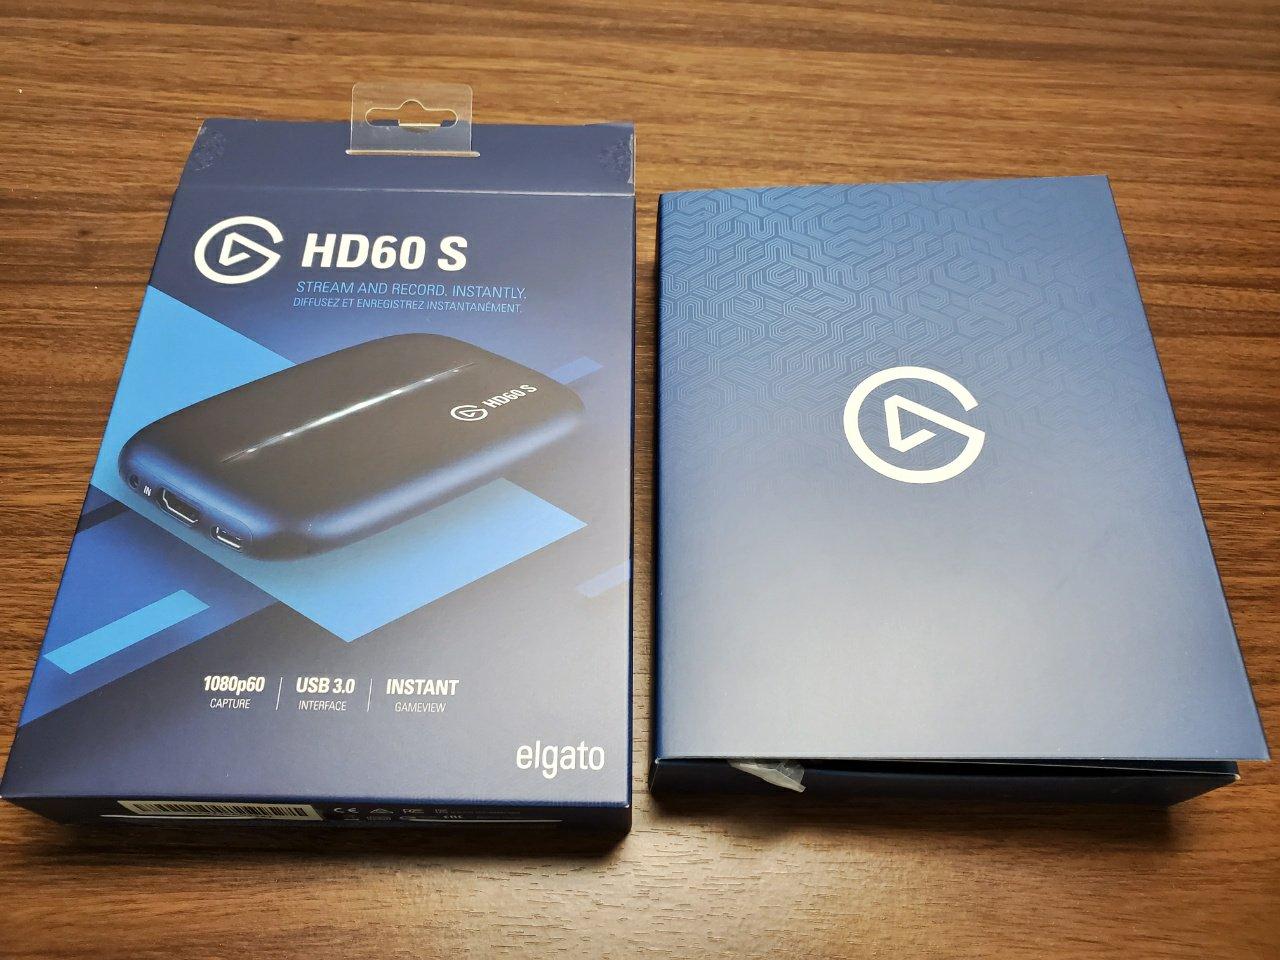 HD60 S内箱